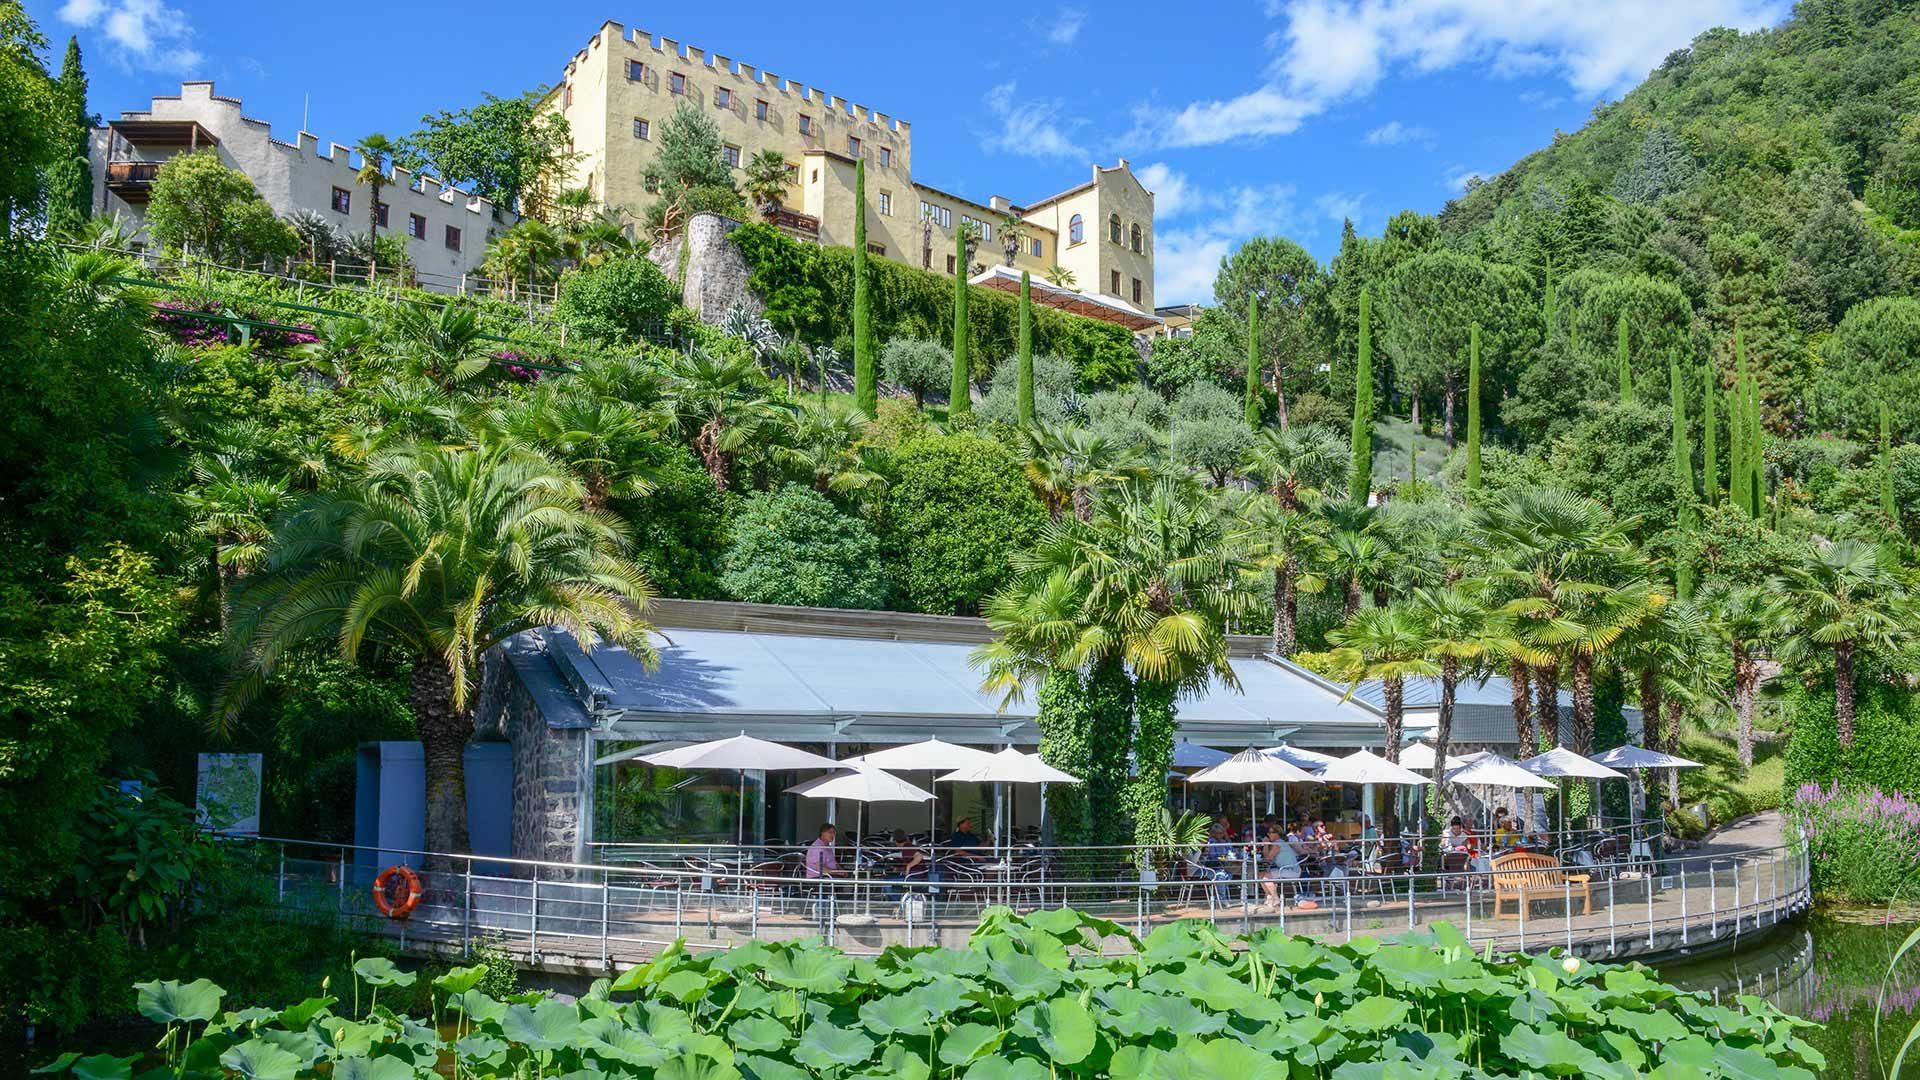 Pflanzen aus aller Welt - Gärten von Schloss Trauttmansdorff